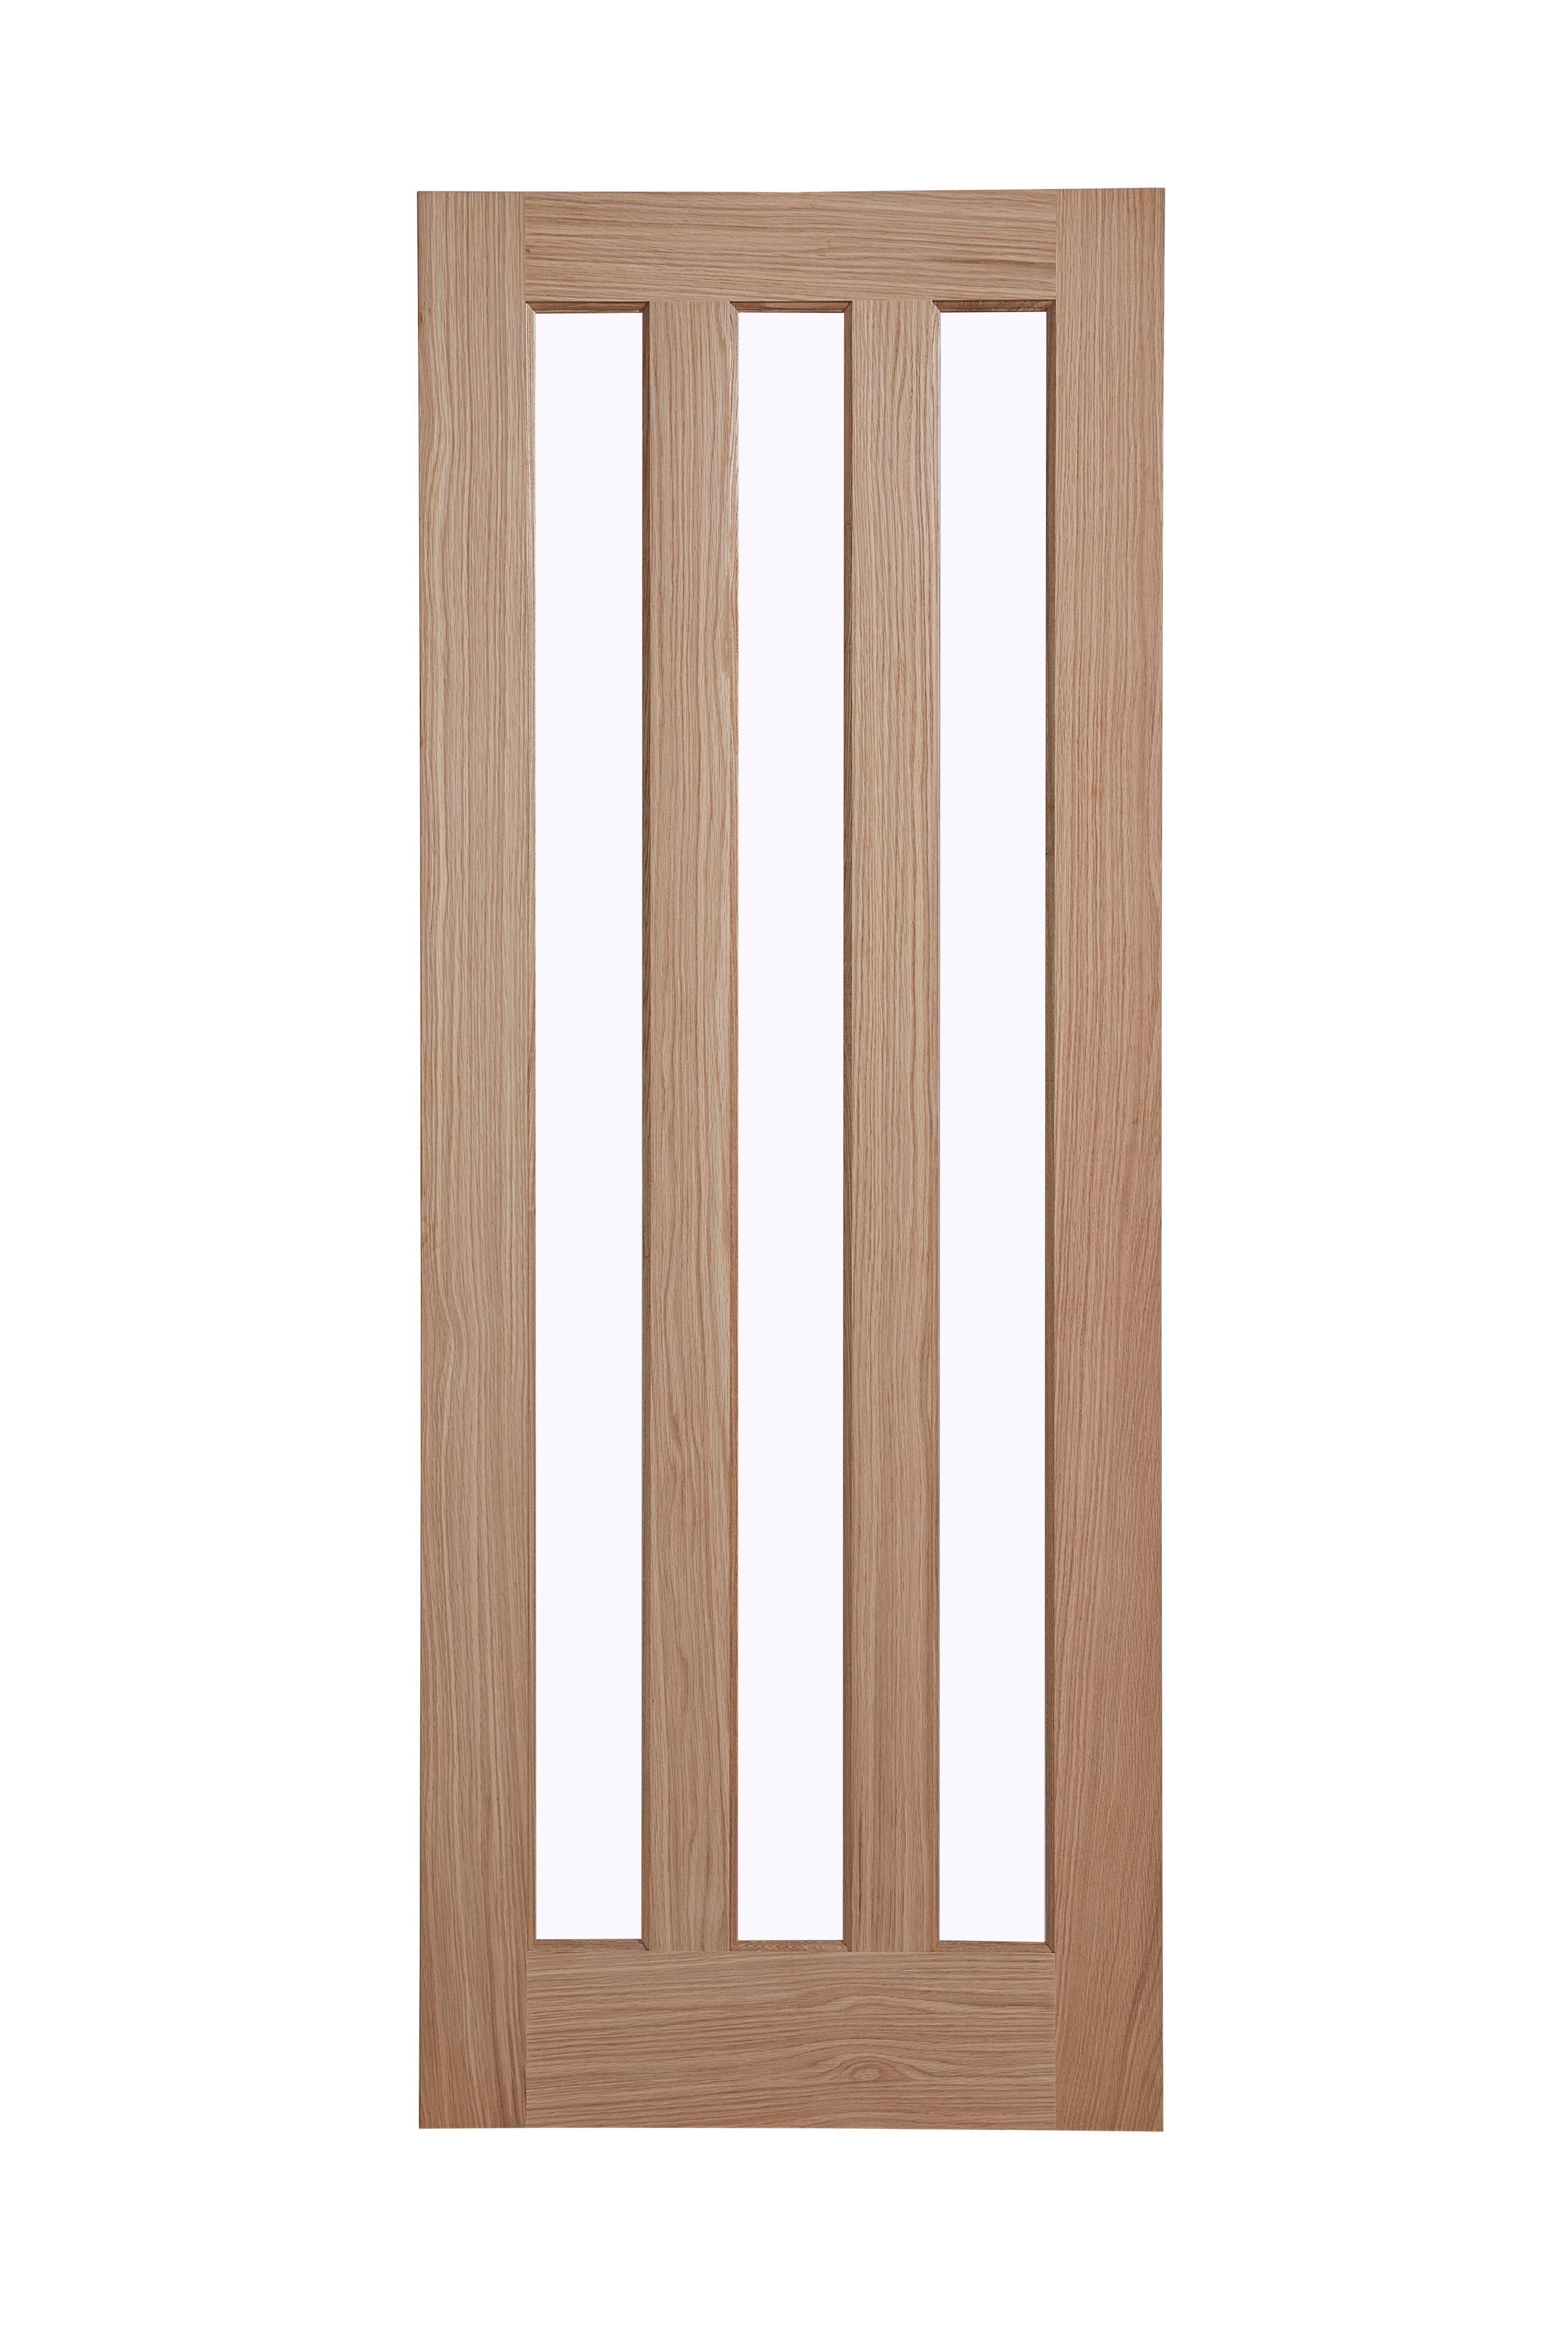 Vertical panel oak veneer glazed internal standard door hmm